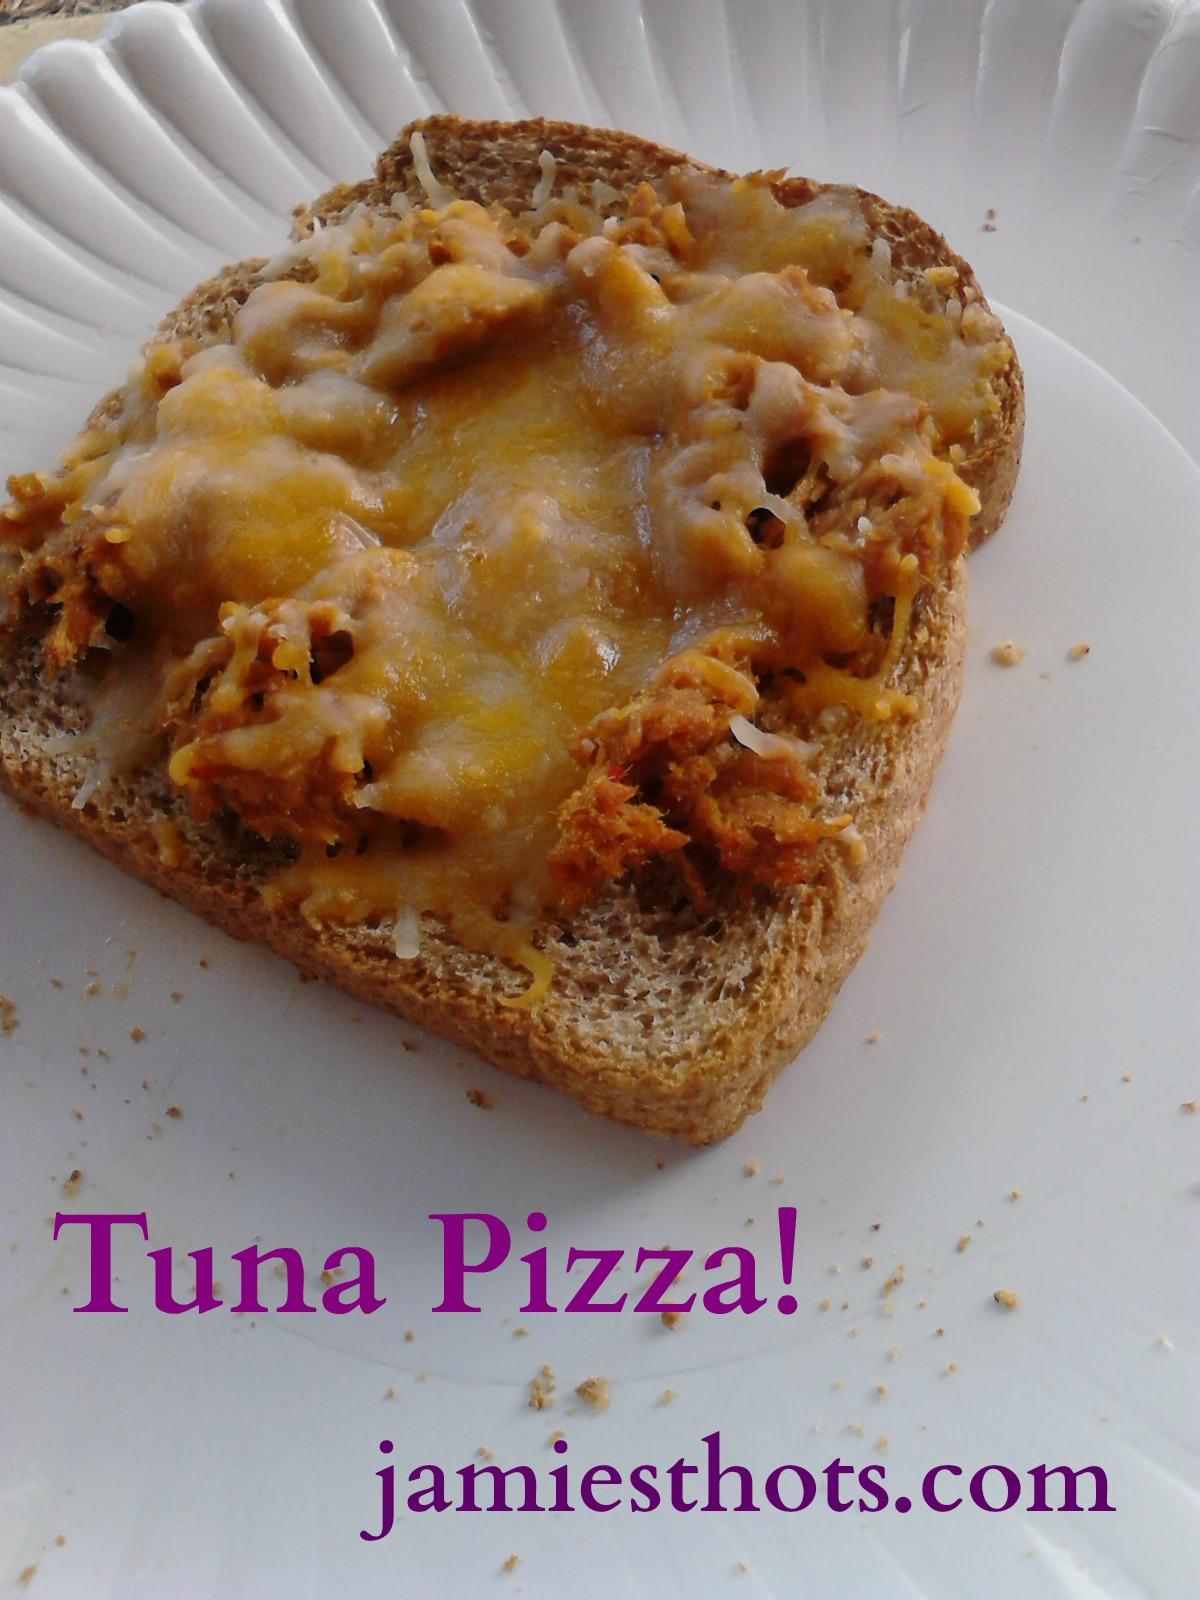 BBQ Tuna Pizza-a childhood recipe that I still love (updated)